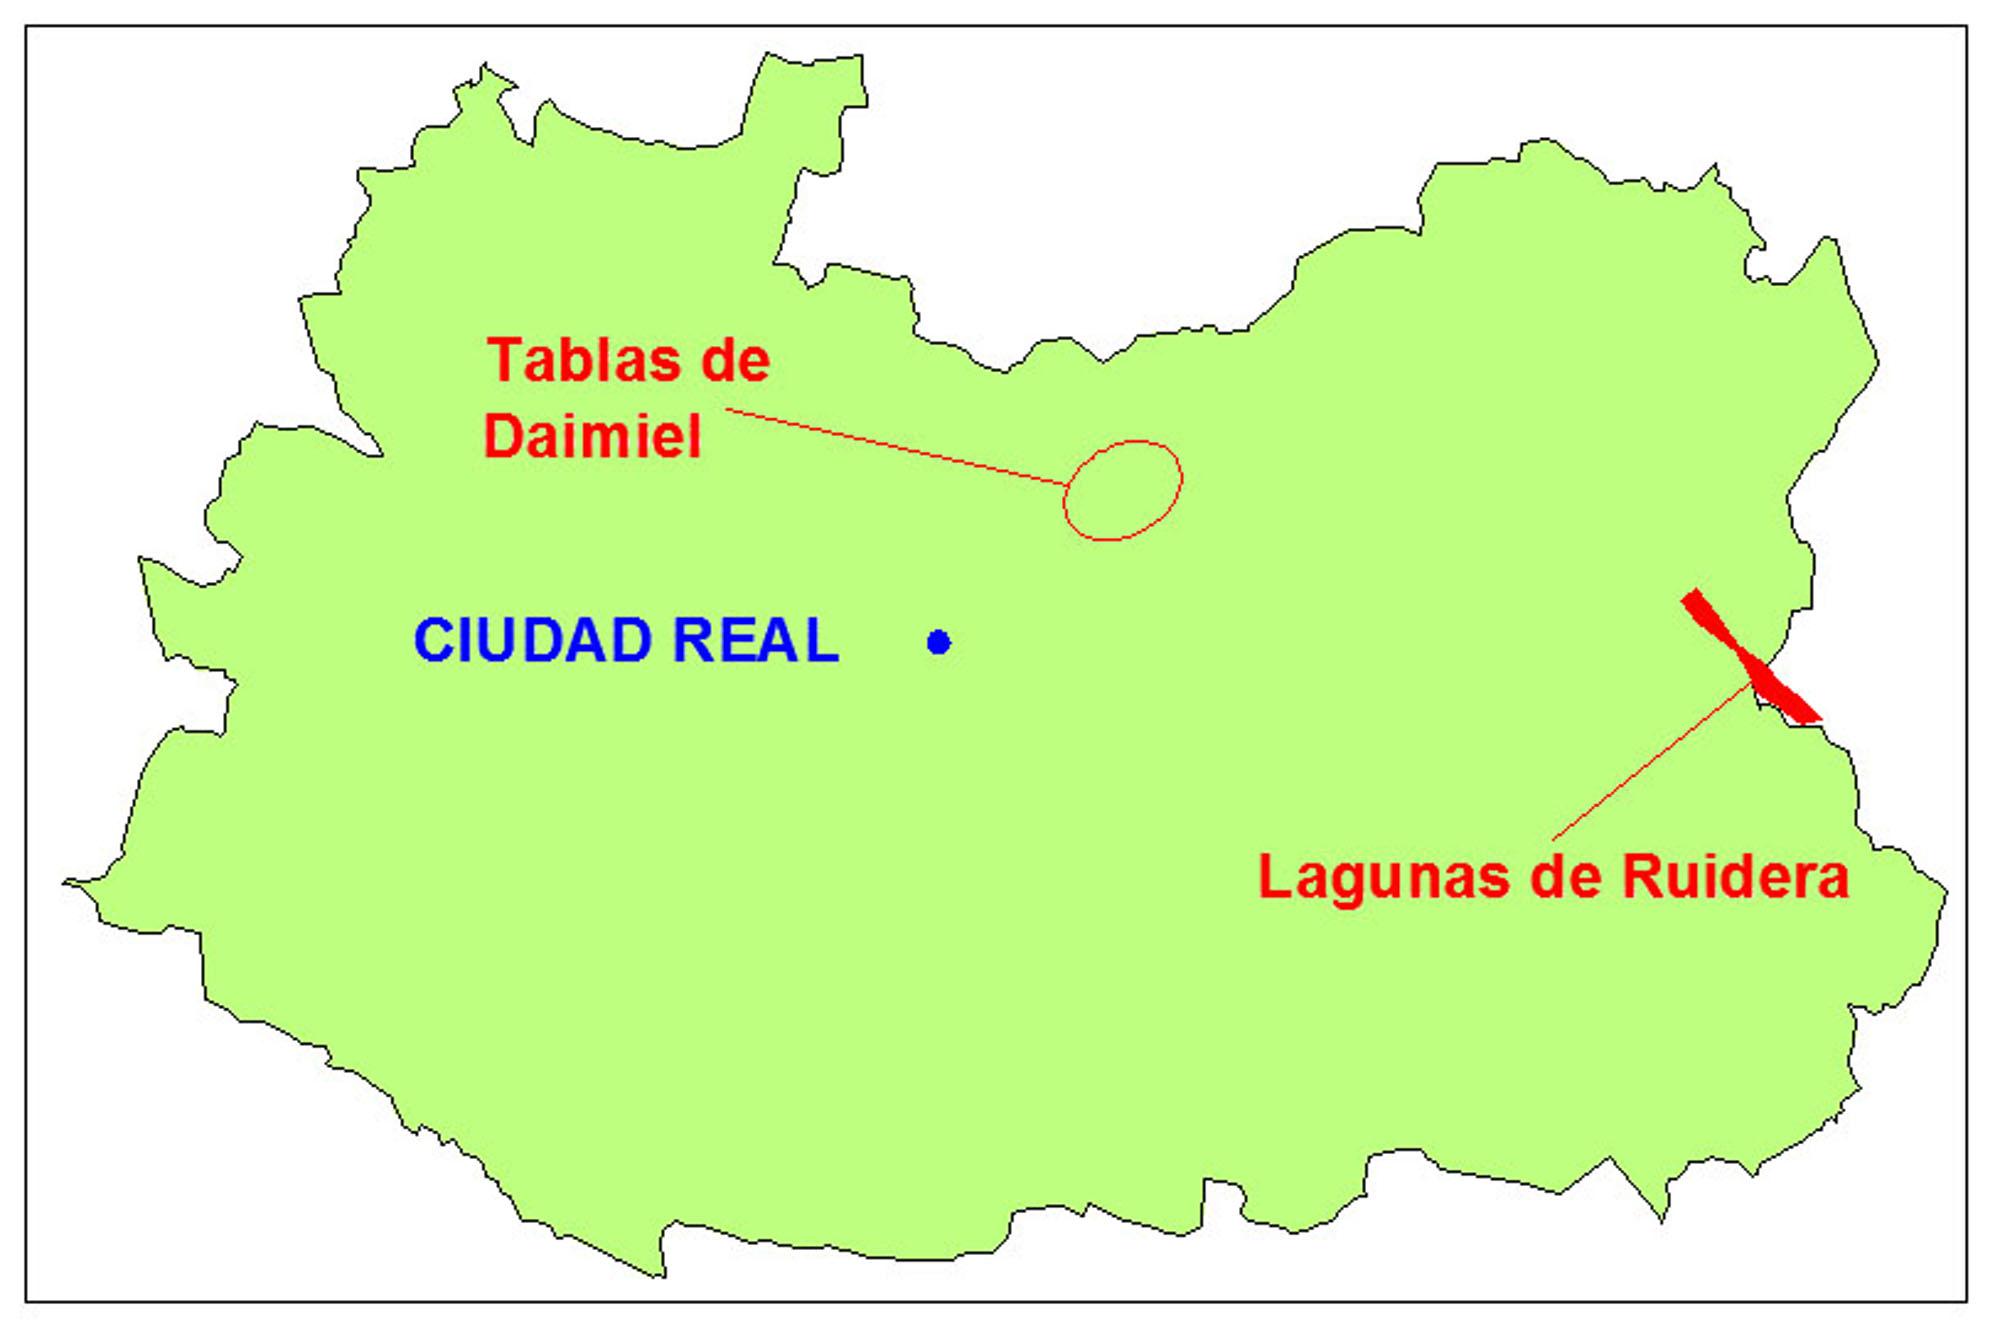 Tablas De Daimiel Mapa.Mis Lugares Favoritos Ii Ganando Barlovento